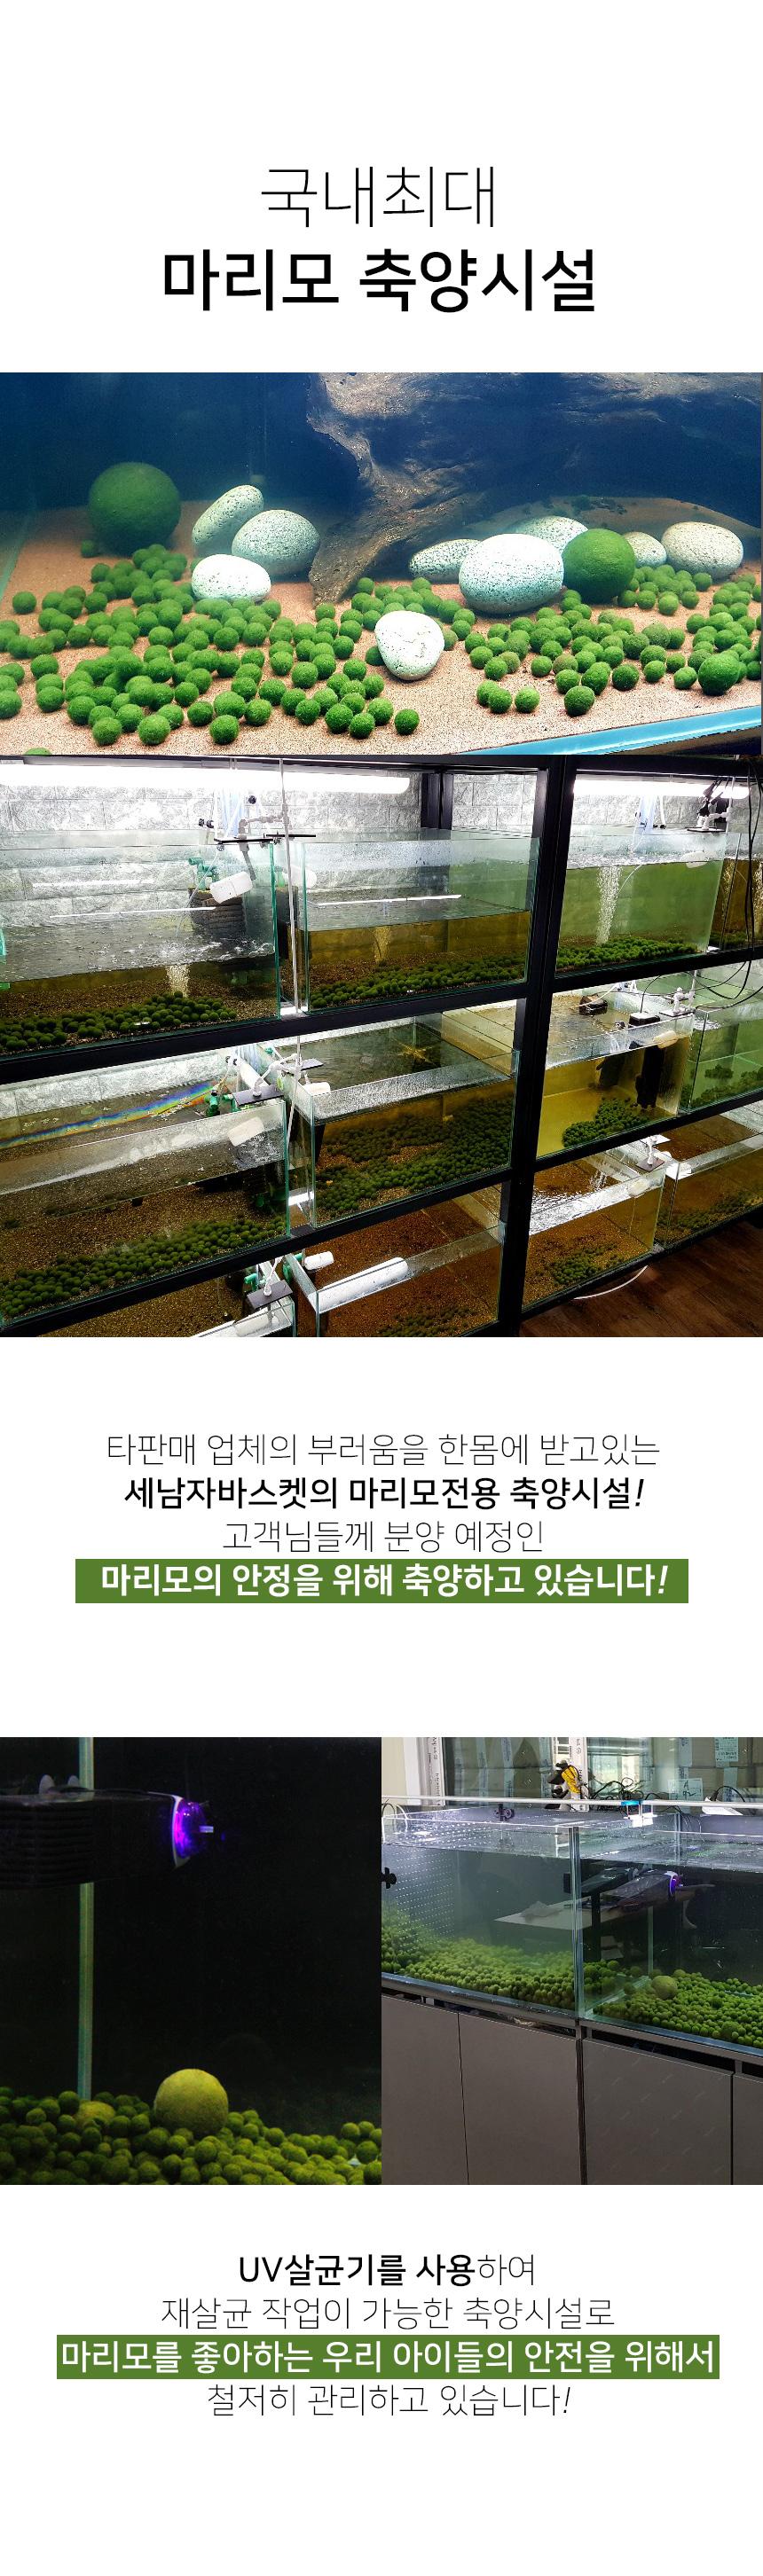 세남자바스켓 마리모 영양제 마리모밥 25ml - 세남자바스켓, 3,000원, 키우기, 식물